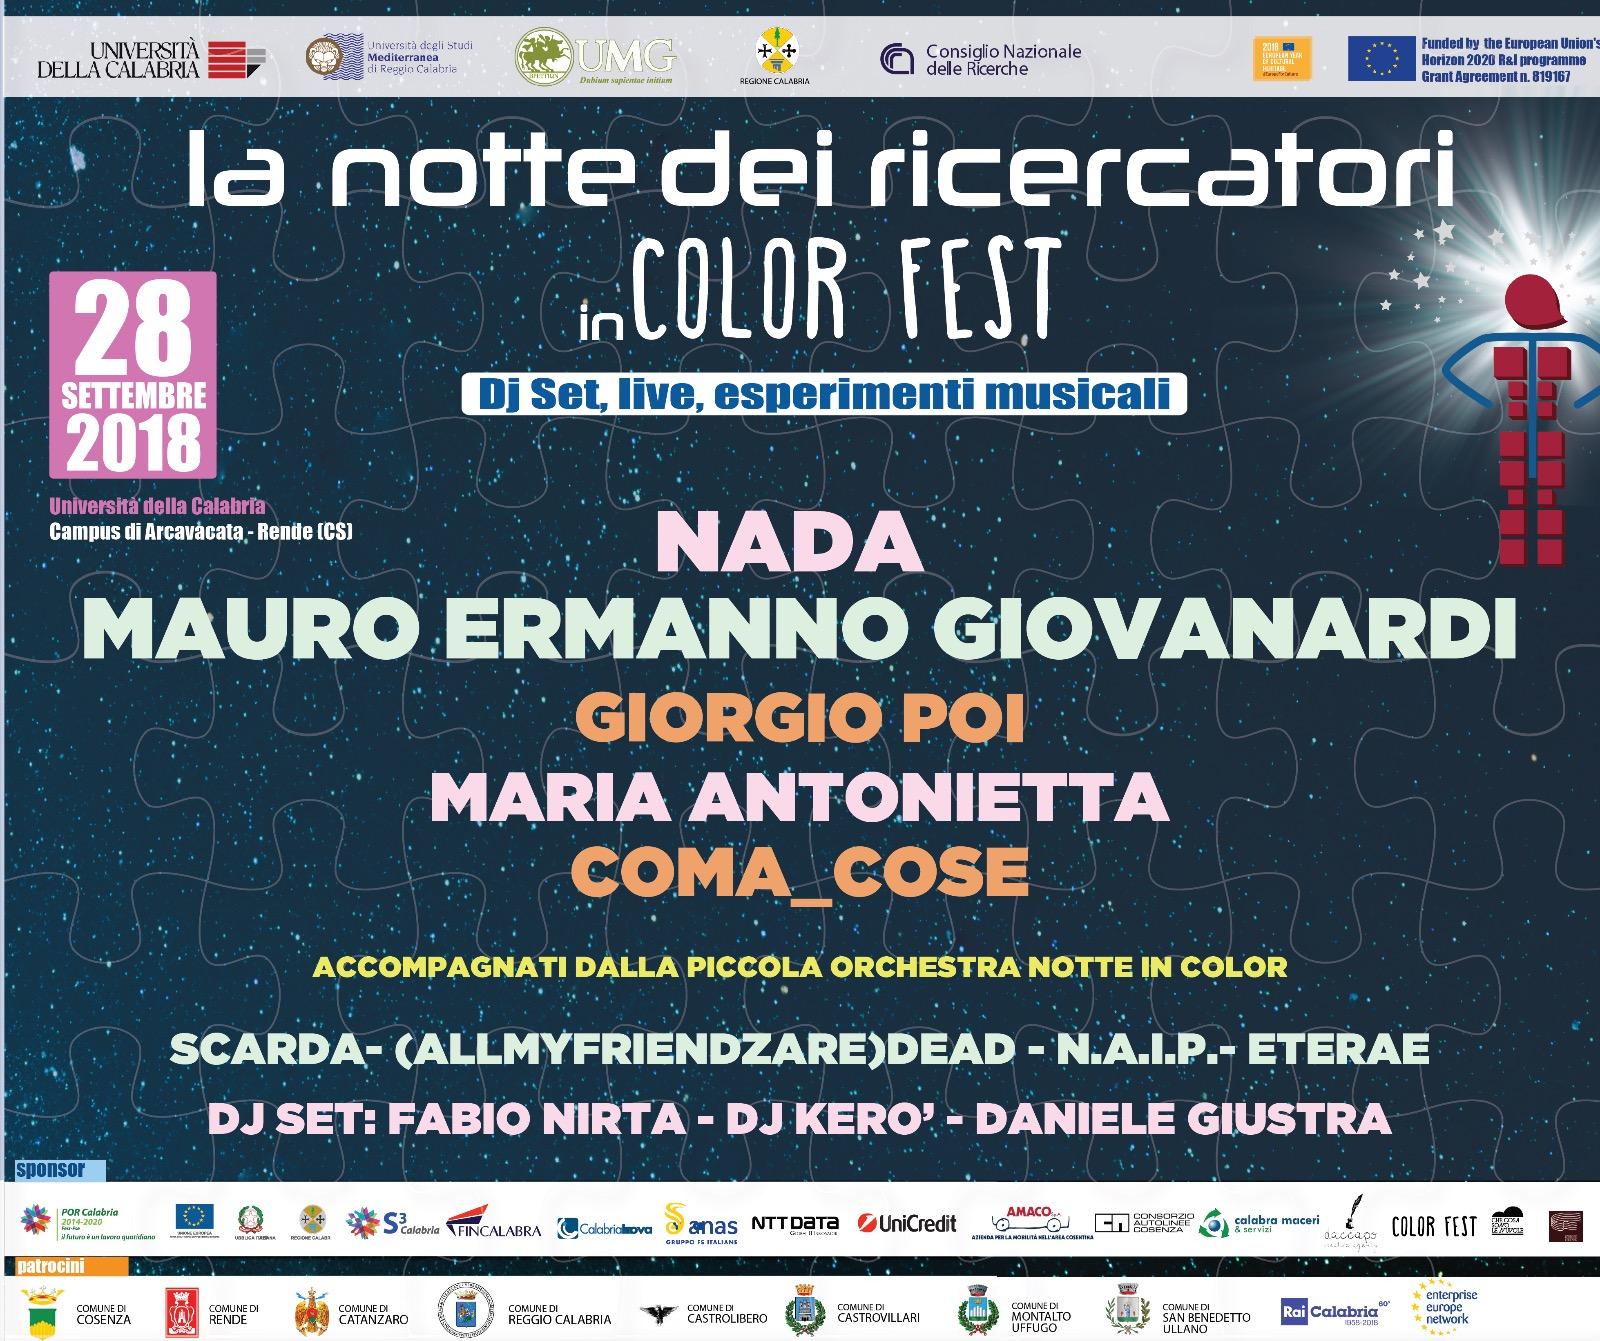 Notte dei Ricercatori in Color Fest